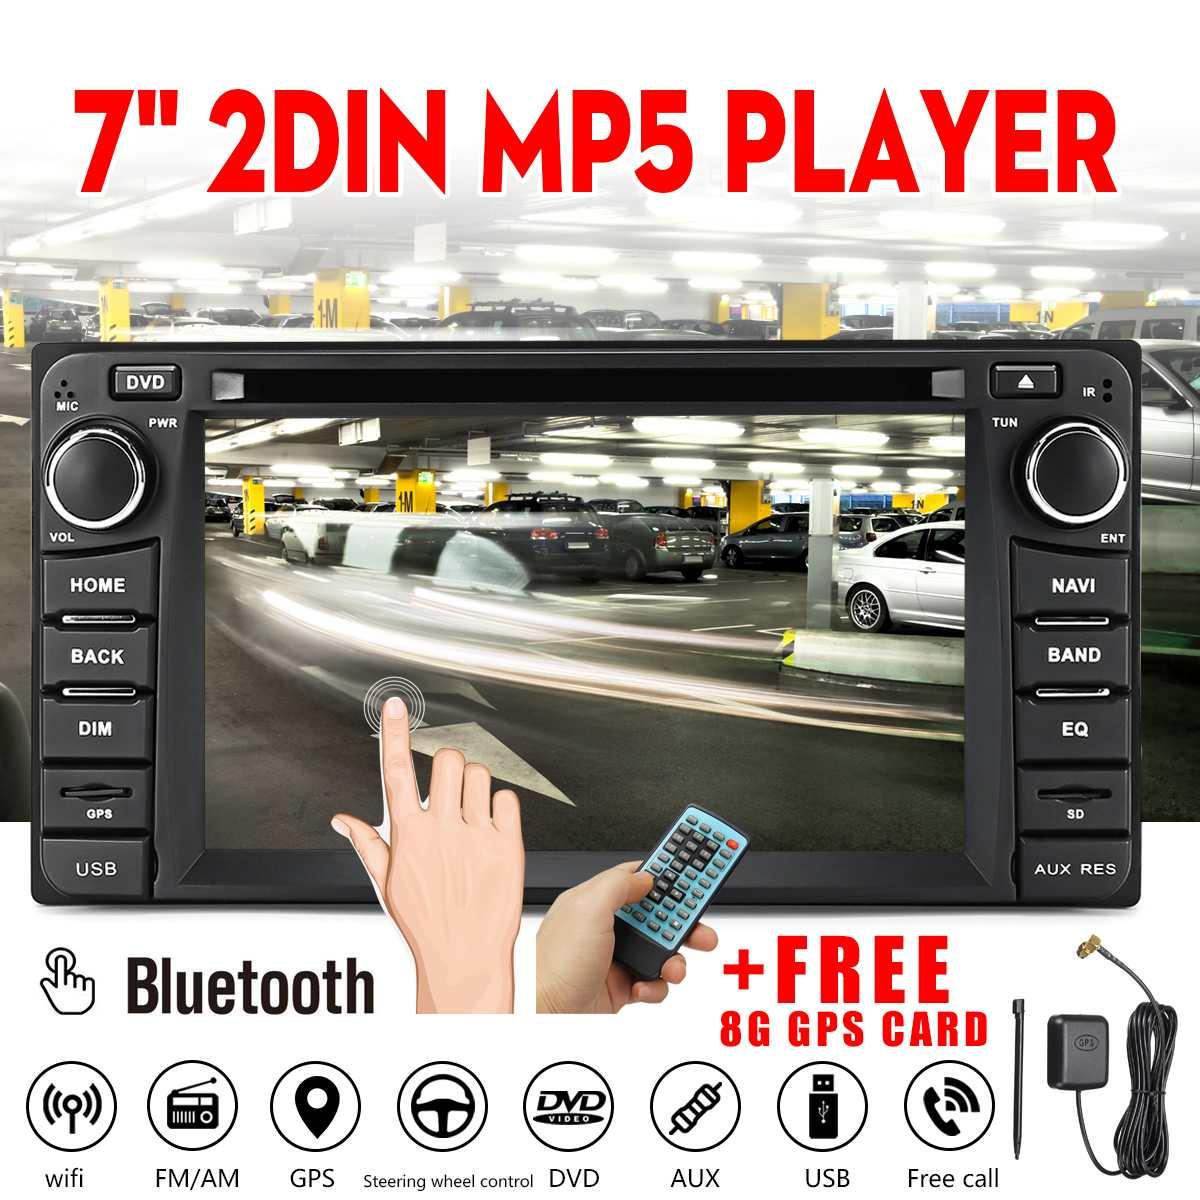 7 pouces 2 DIN bluetooth WiFi FM DVD autoradio MP5 lecteur 8G GPS carte DVD CD écran tactile voiture lecteur multimédia pour Toyota